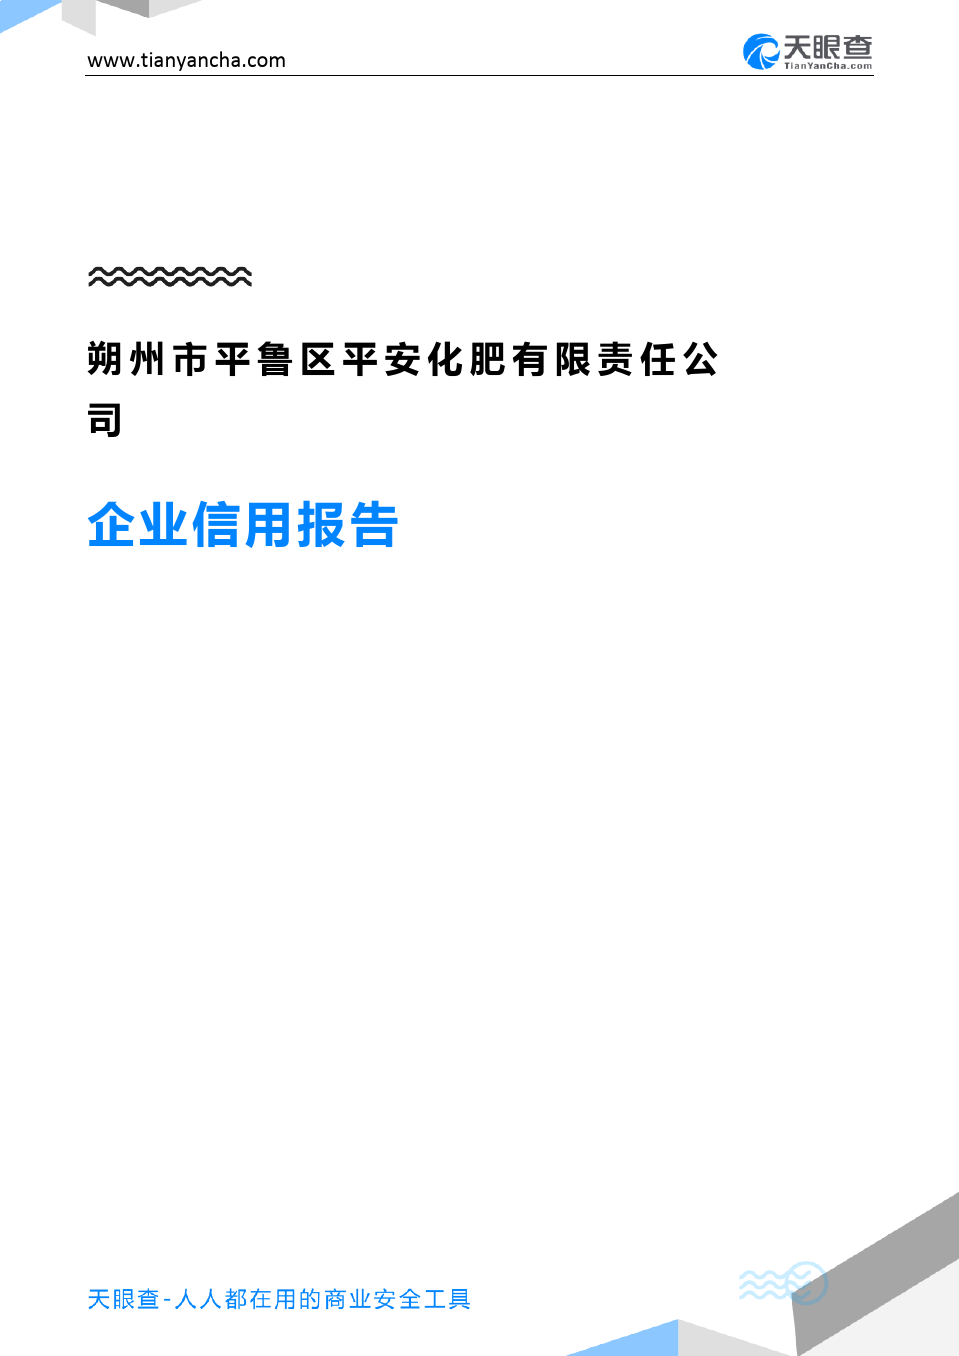 朔州市平鲁区平安化肥有限责任公司(企业信用报告)- 天眼查